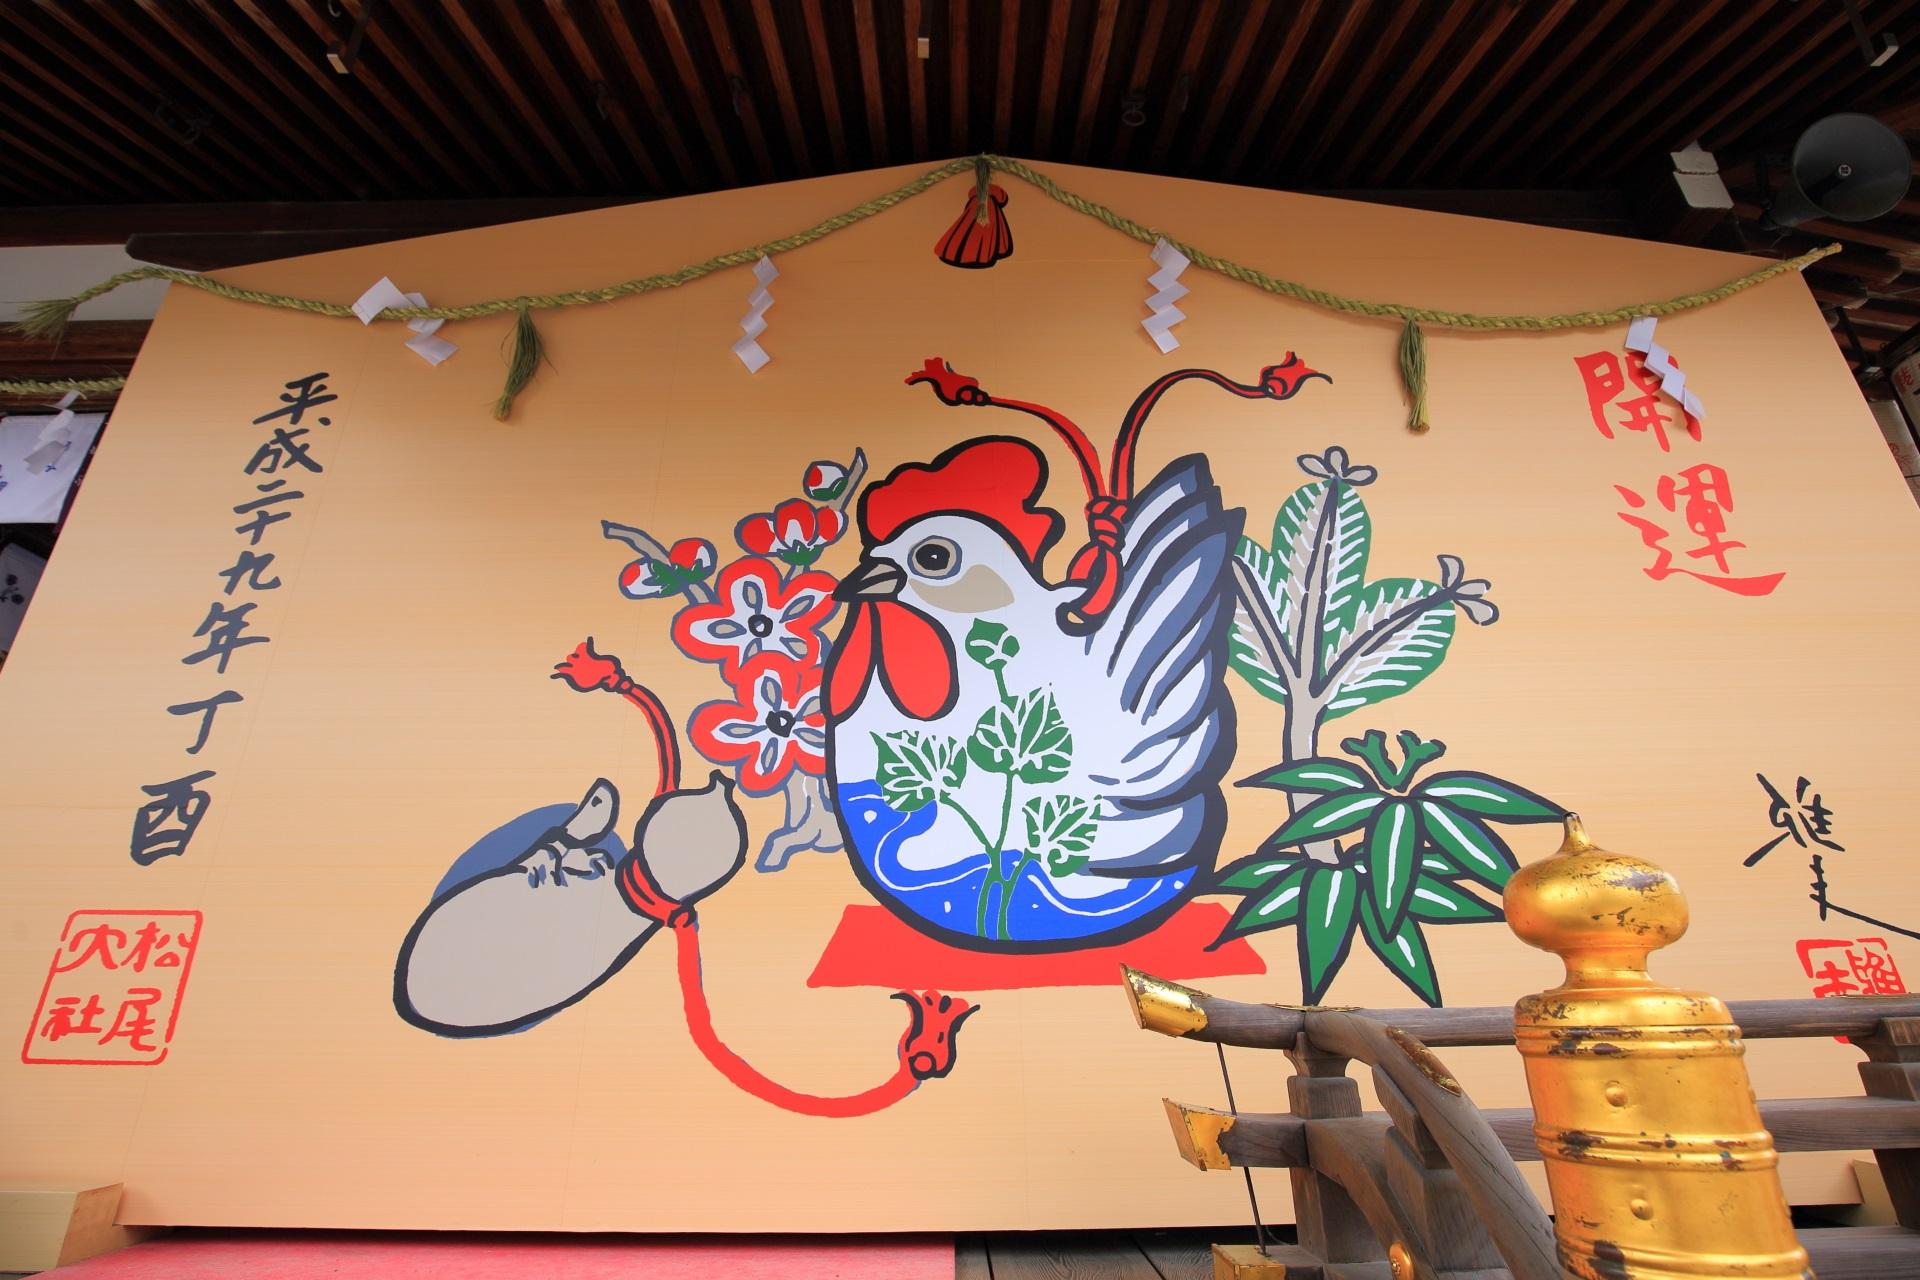 大絵馬 酉 松尾大社の可愛い干支の大絵馬 謹賀新年